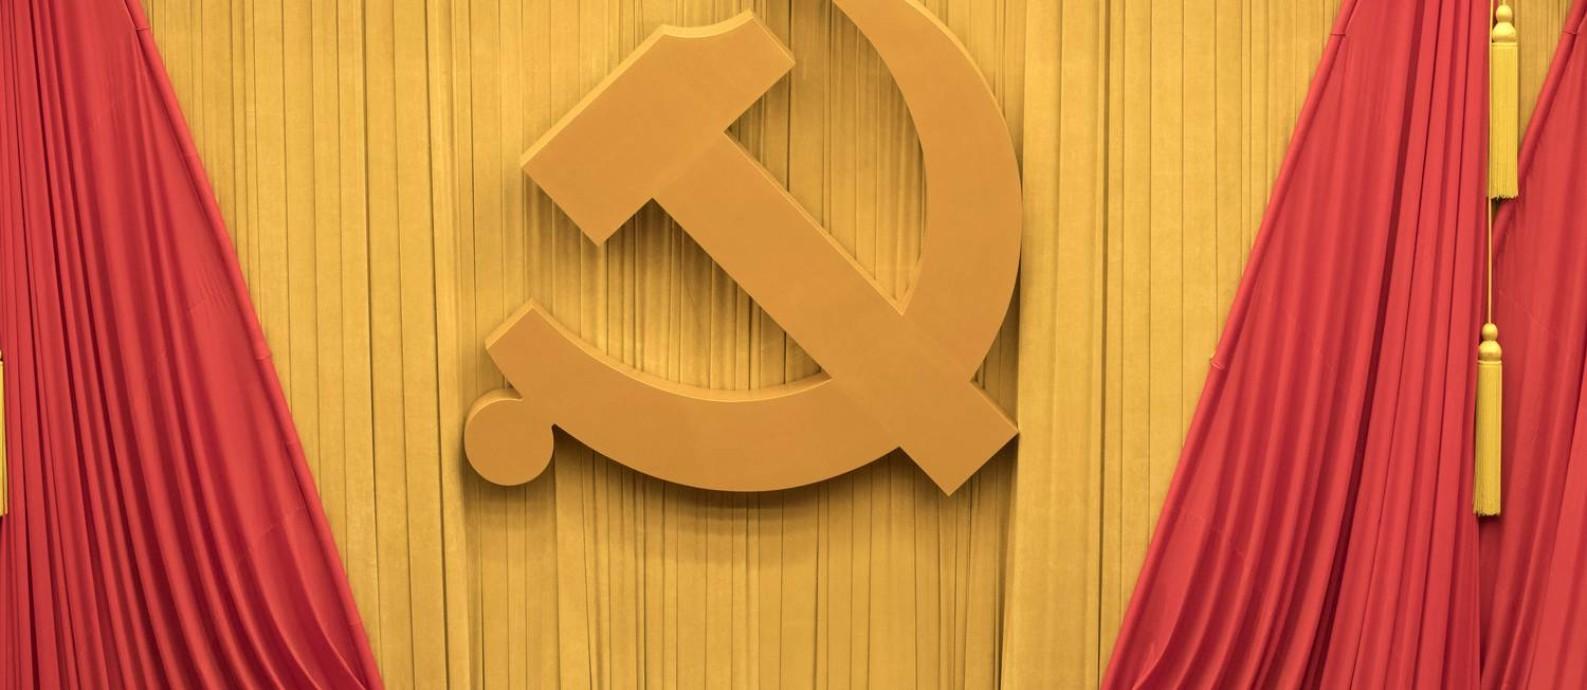 Cerimônia de abertura do Congresso do Partido Comunista Chinês na última quarta-feira, em Pequim Foto: Ng Han Guan / AP